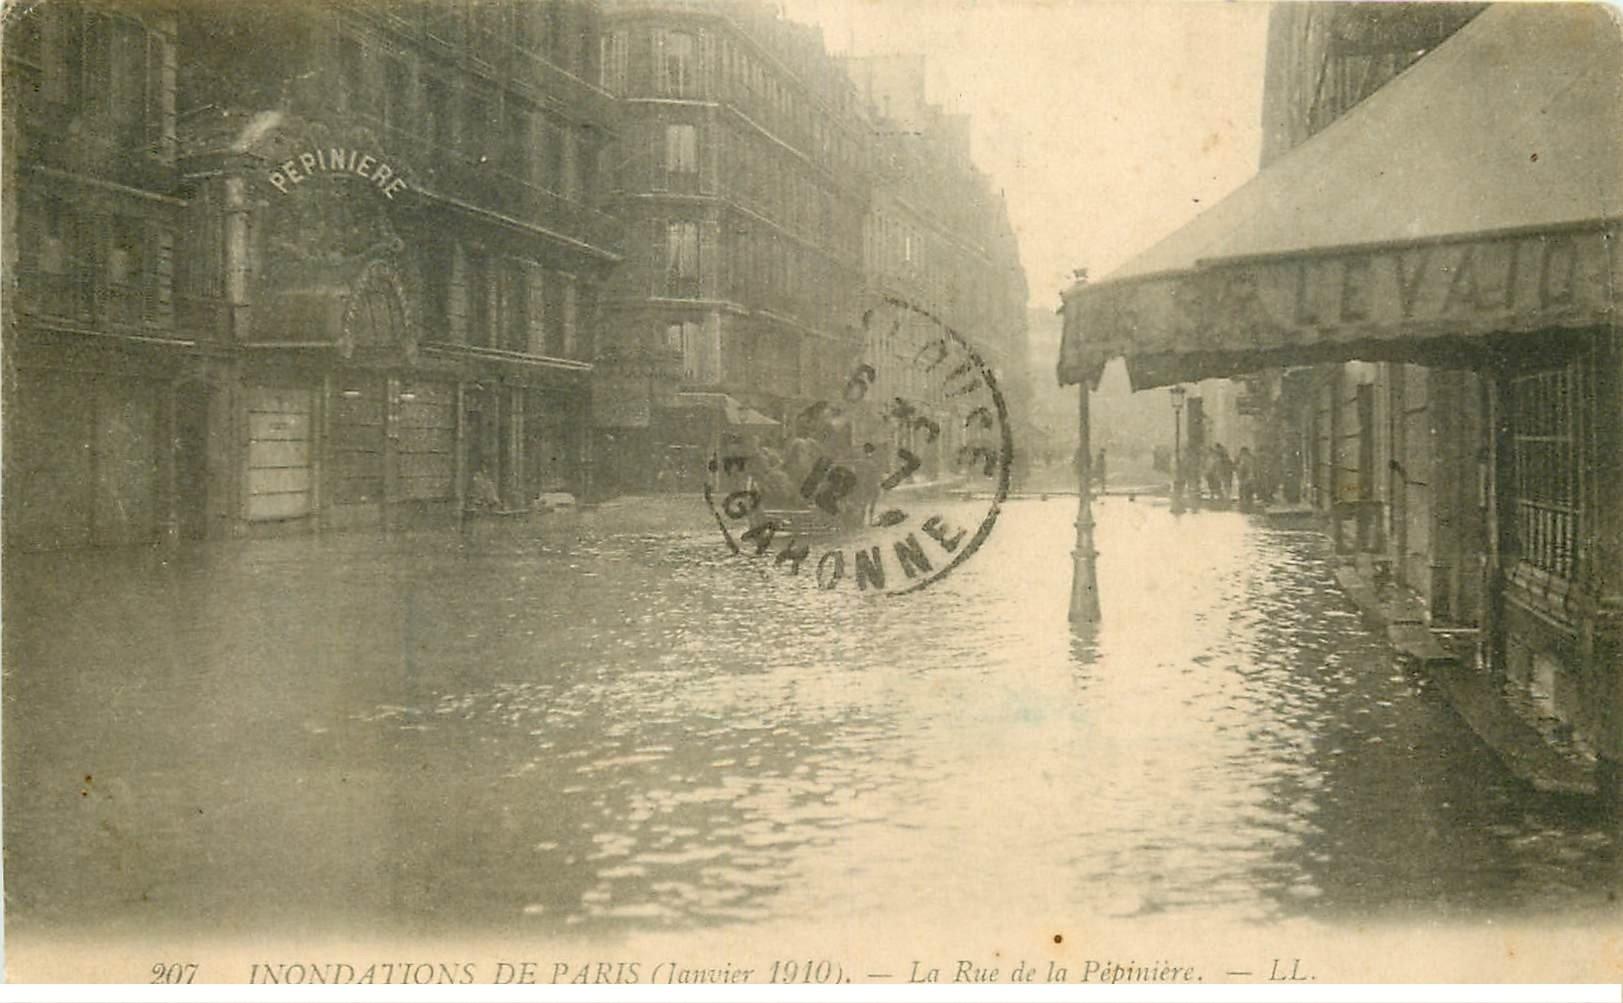 1910 INONDATION ET CRUE PARIS 08. Rue de la Pépinère